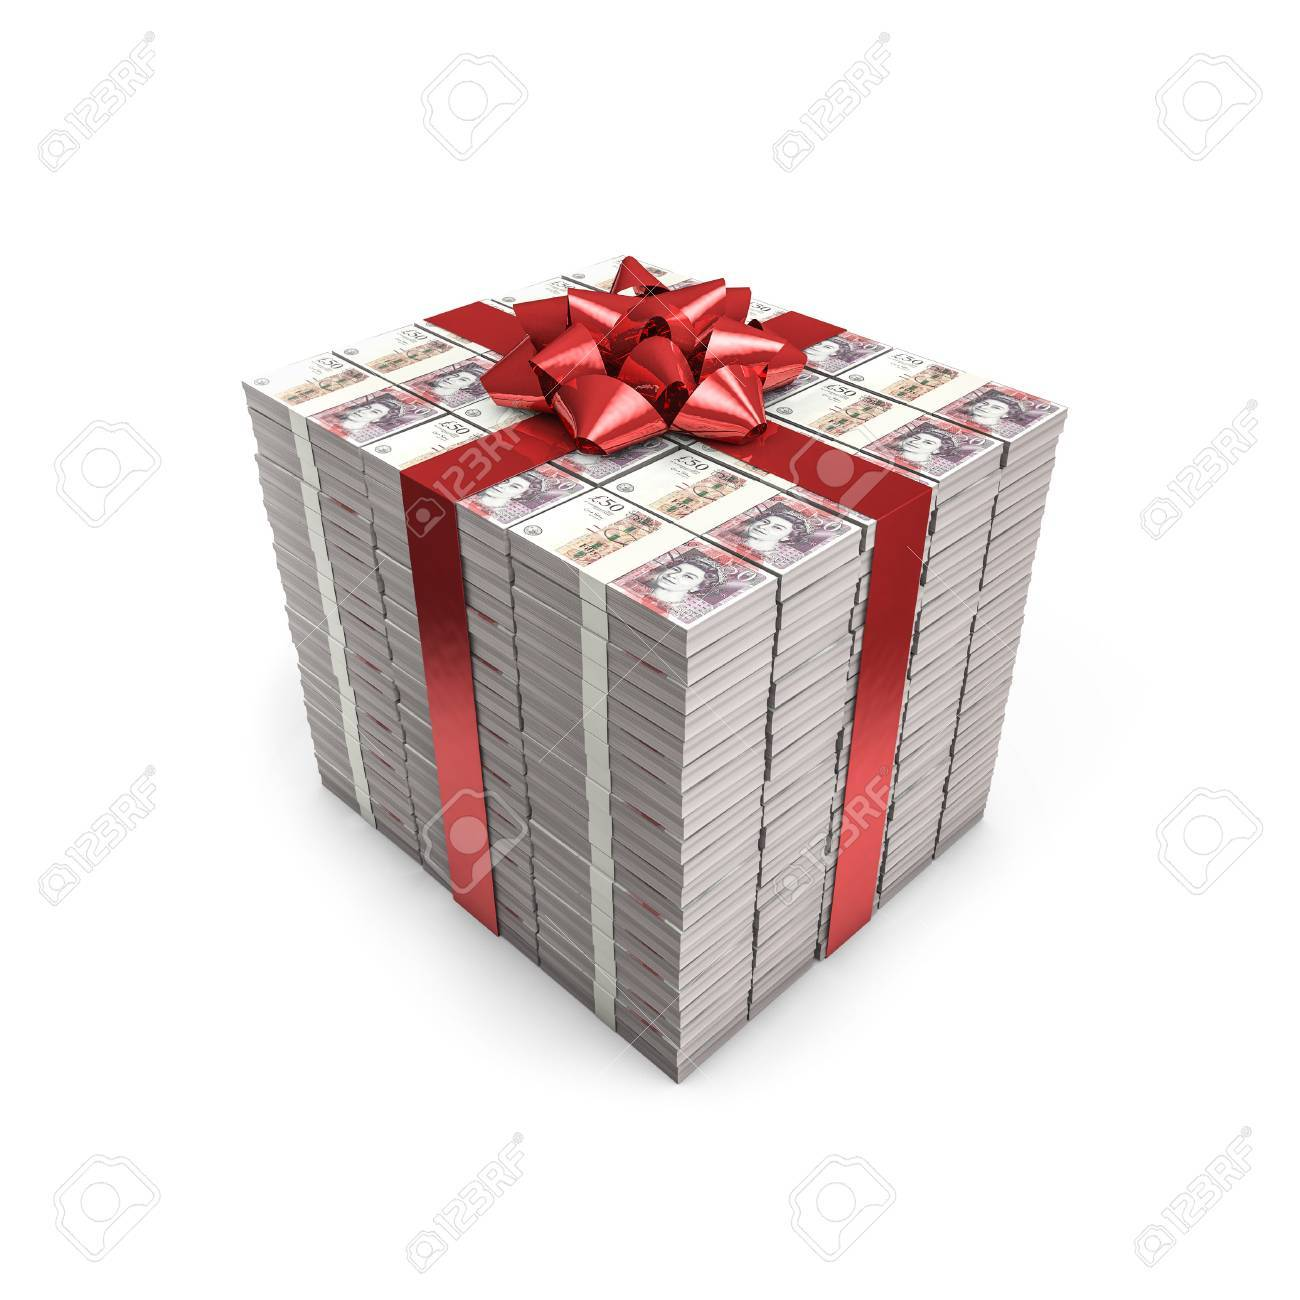 Geldgeschenk Pfund 3d Darstellung Von Stapeln Von Funfzig Pfund